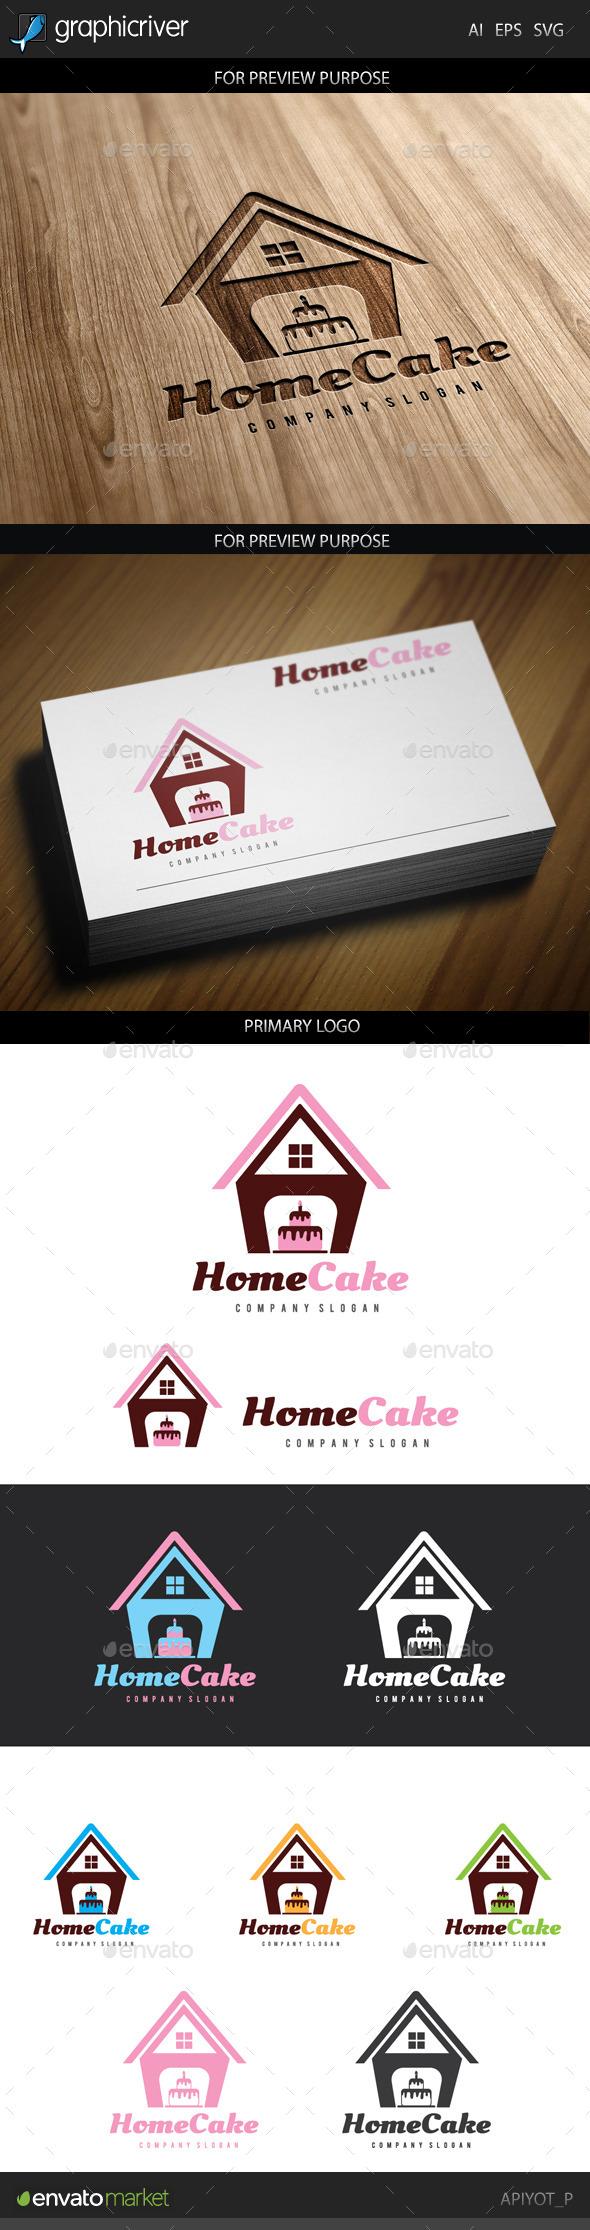 GraphicRiver Home Cake Logo 8798946